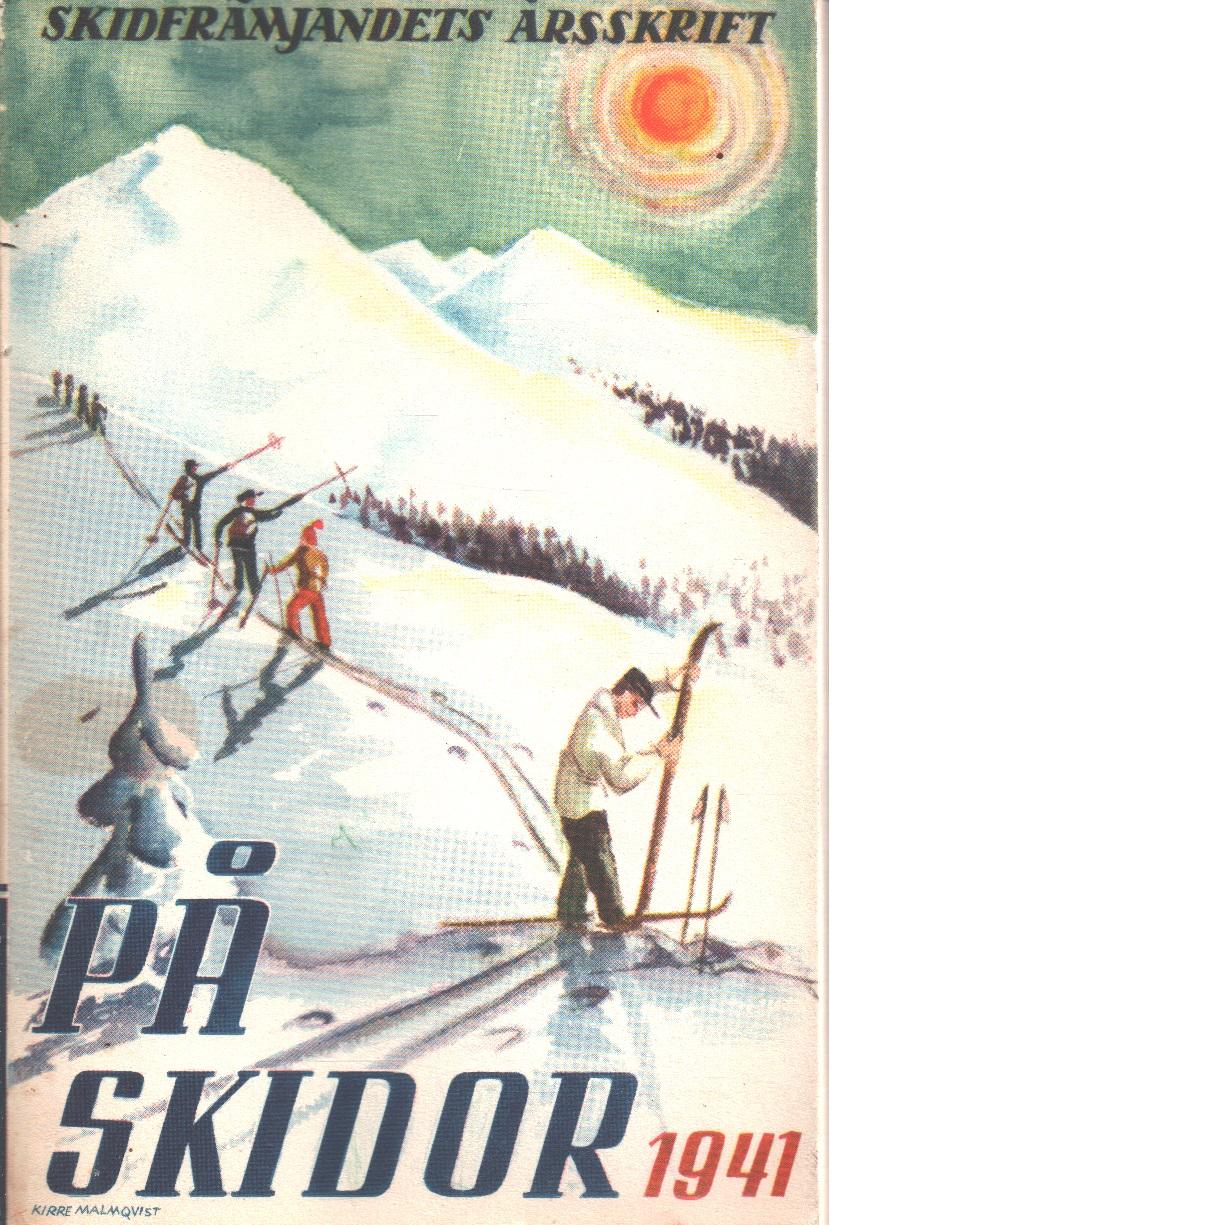 På skidor : Skid- och friluftsfrämjandets årsbok. Årsbok 1941 - Skid- och friluftsfrämjandet